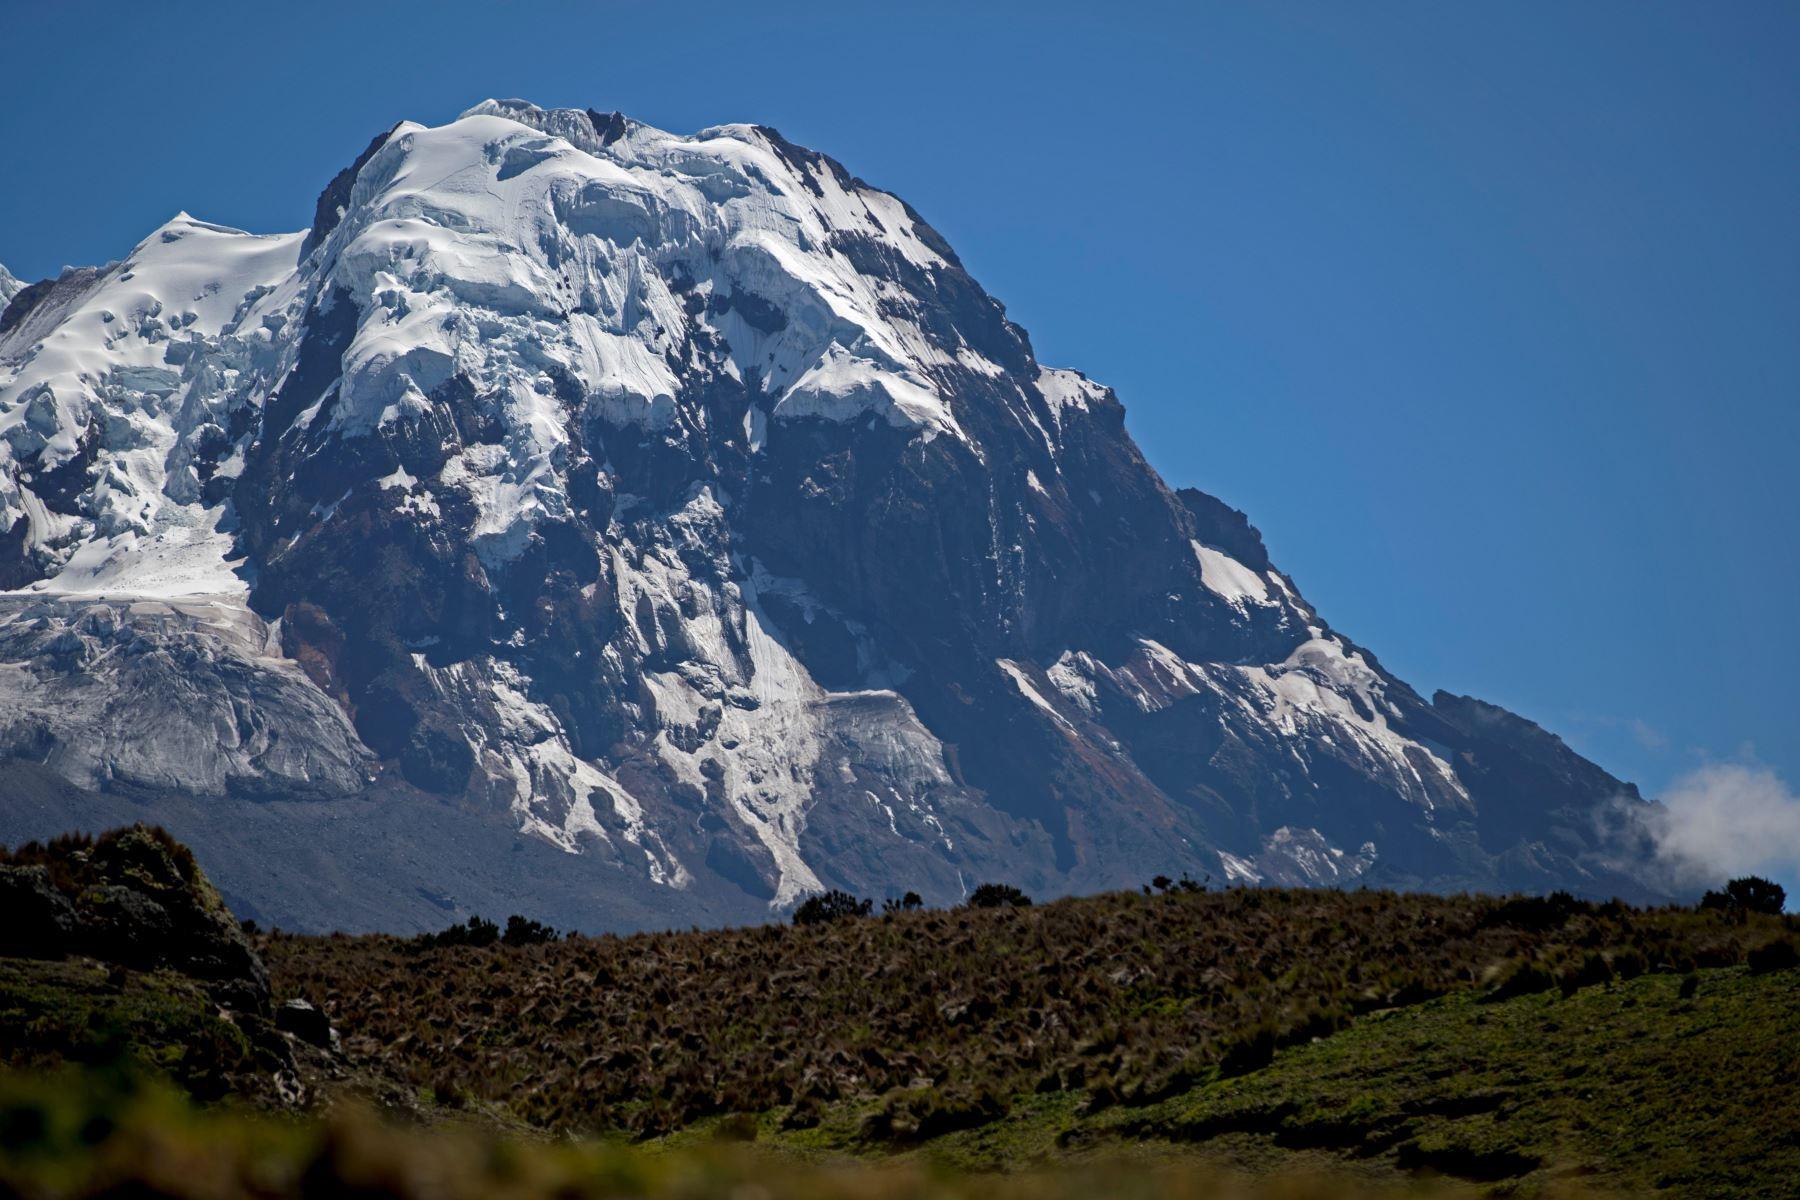 Volcán Antisana, que cuenta con una cobertura glaciar y está ubicado en la provincia de Napo (Ecuador). Foto: EFE